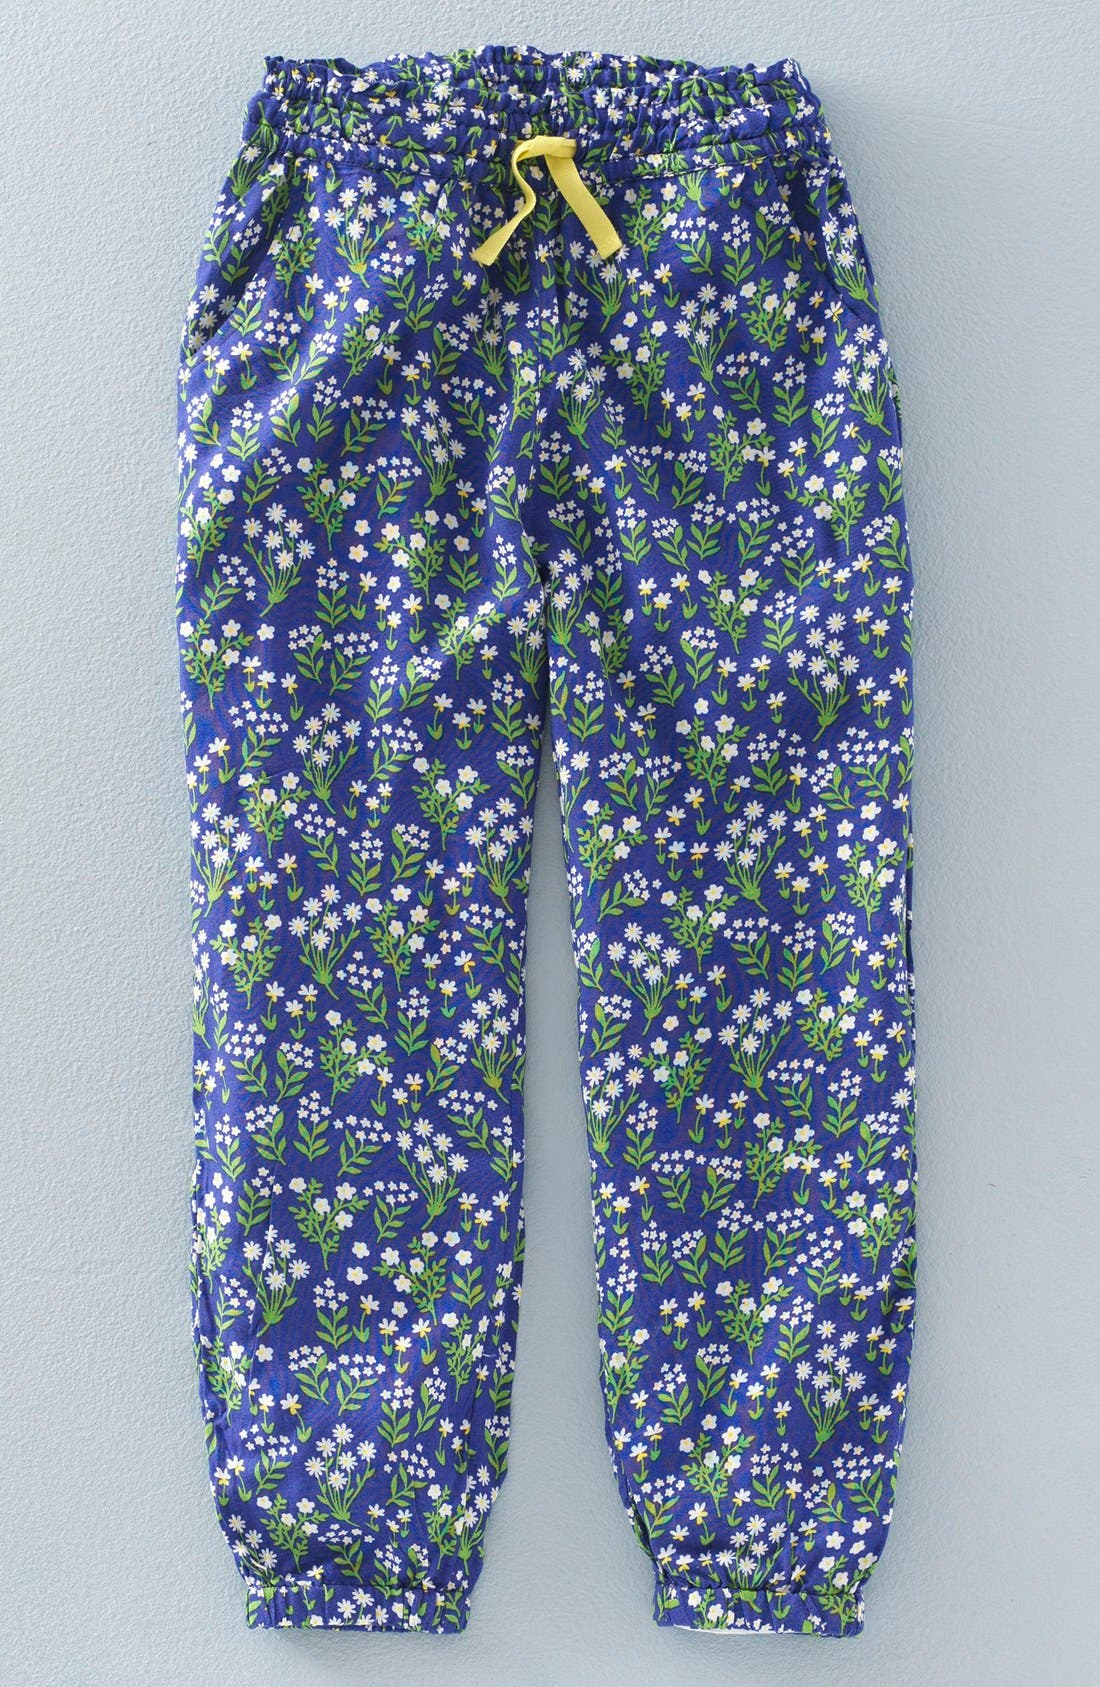 'Pretty' Floral Print Pants, Main, color, 404